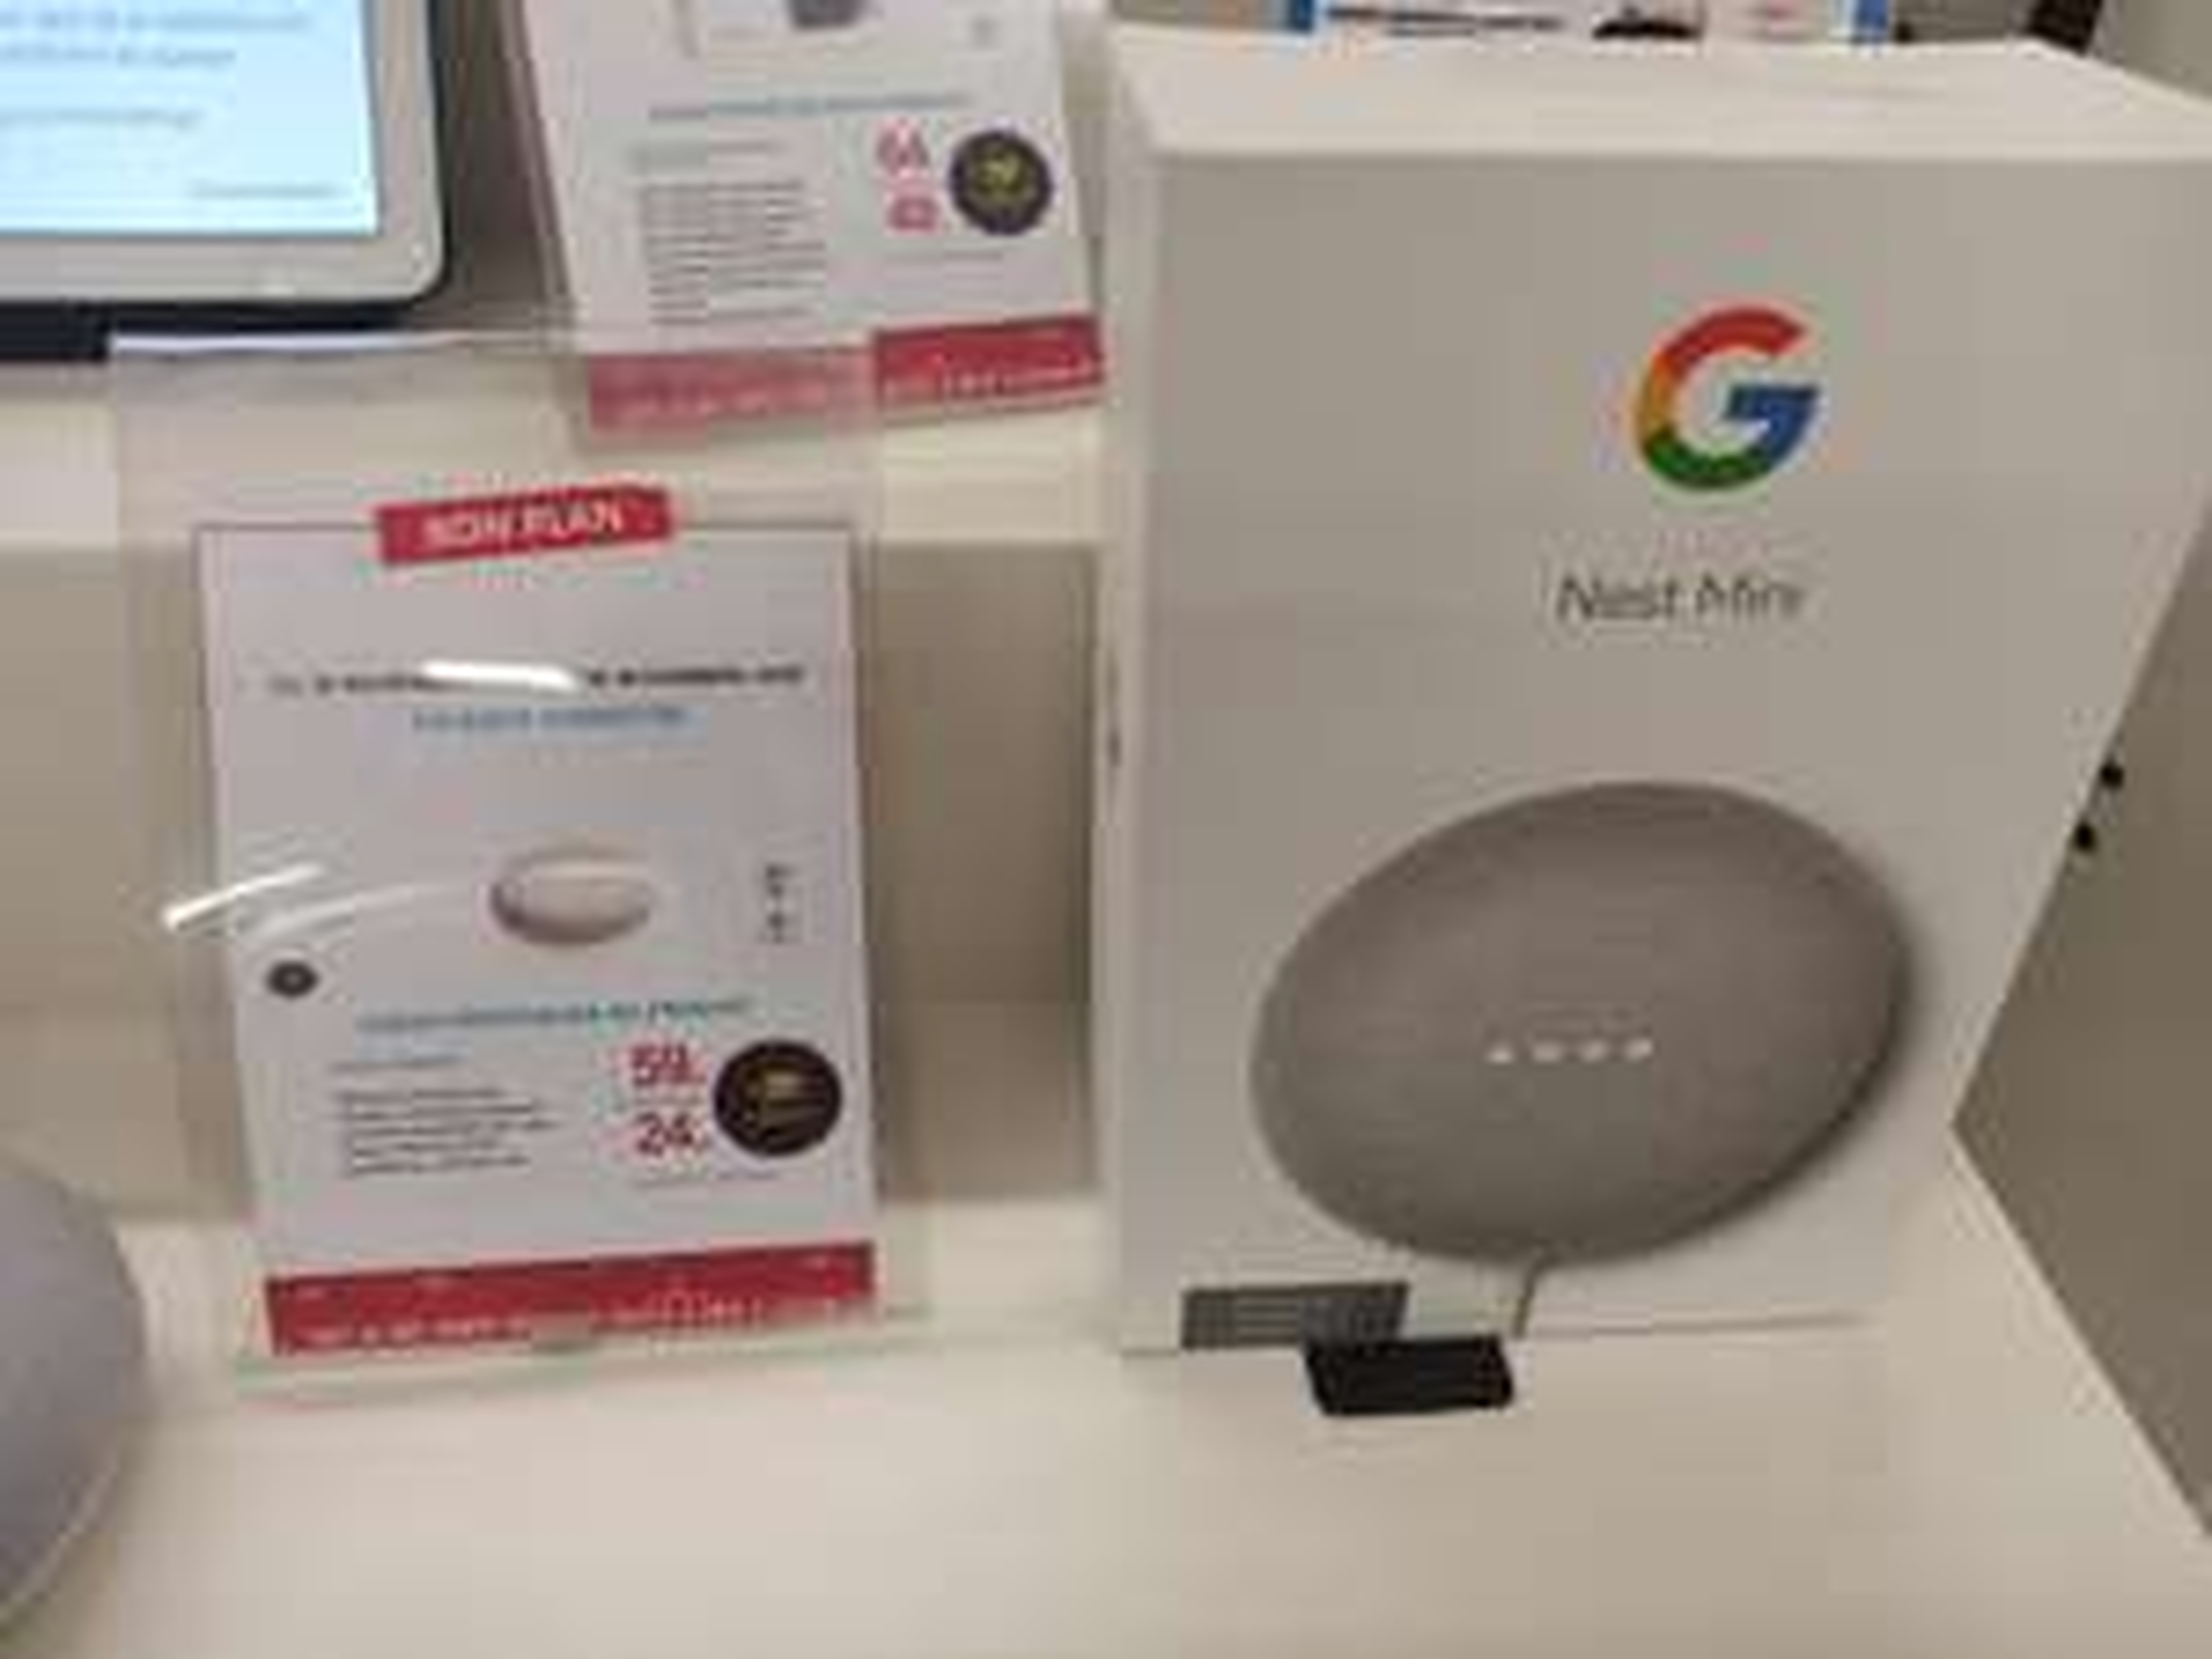 Enceinte connectée Google Nest Mini